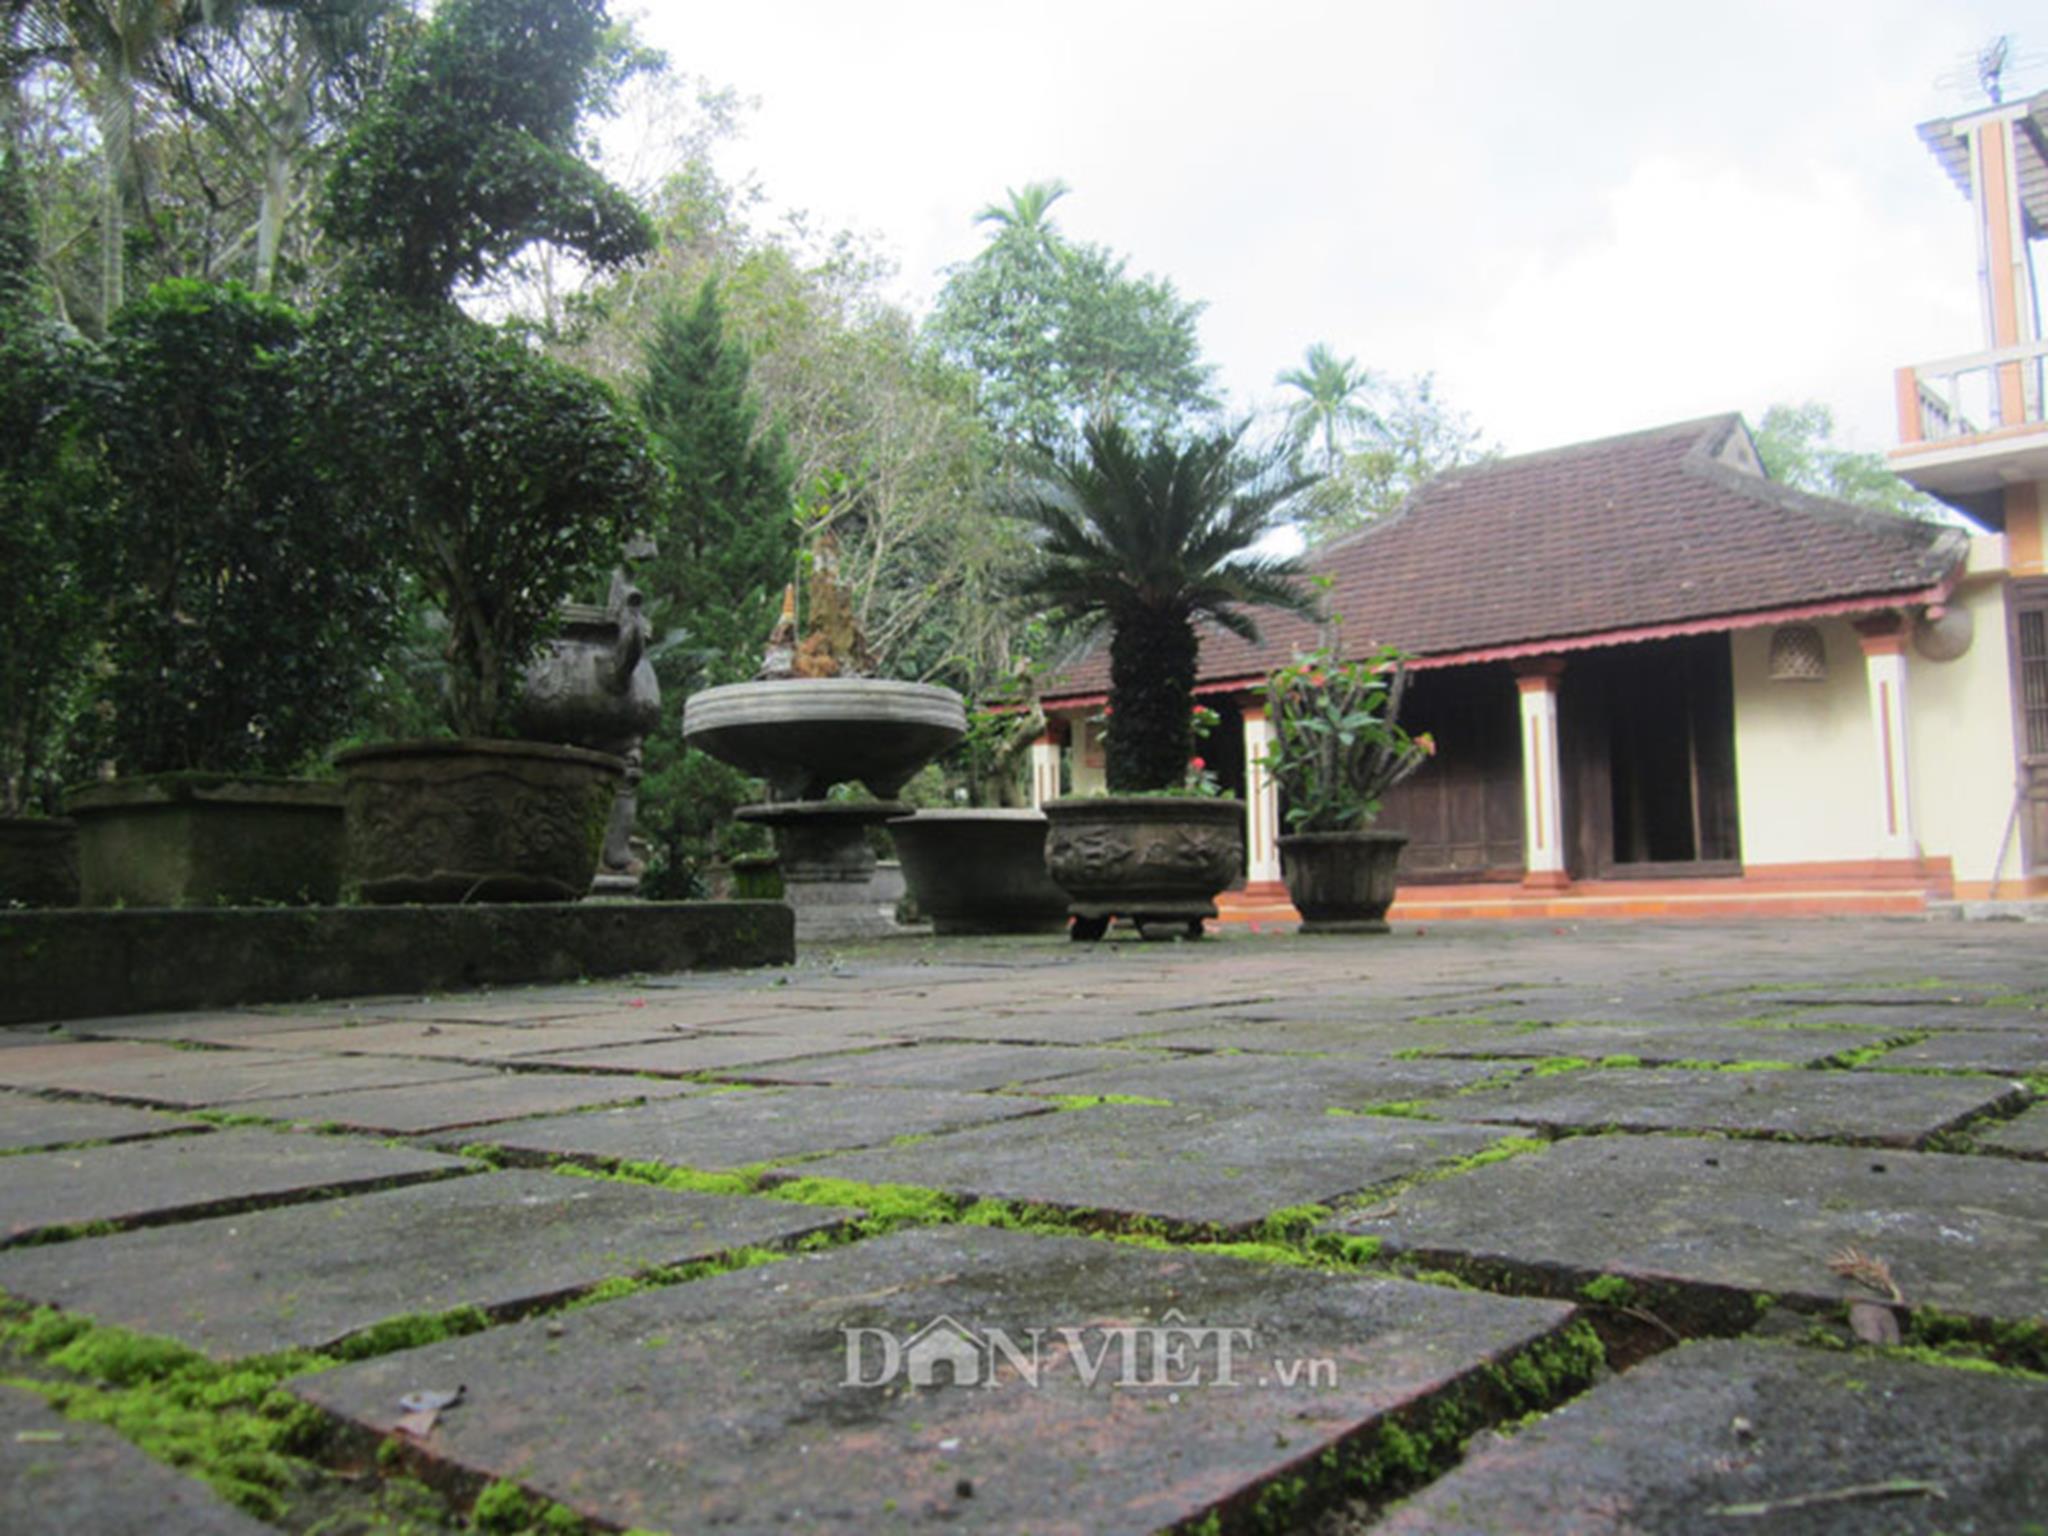 Khoảng sân và nền nhà được lát bằng gạch ba sàng đã phủ rêu phong bởi thời gian.